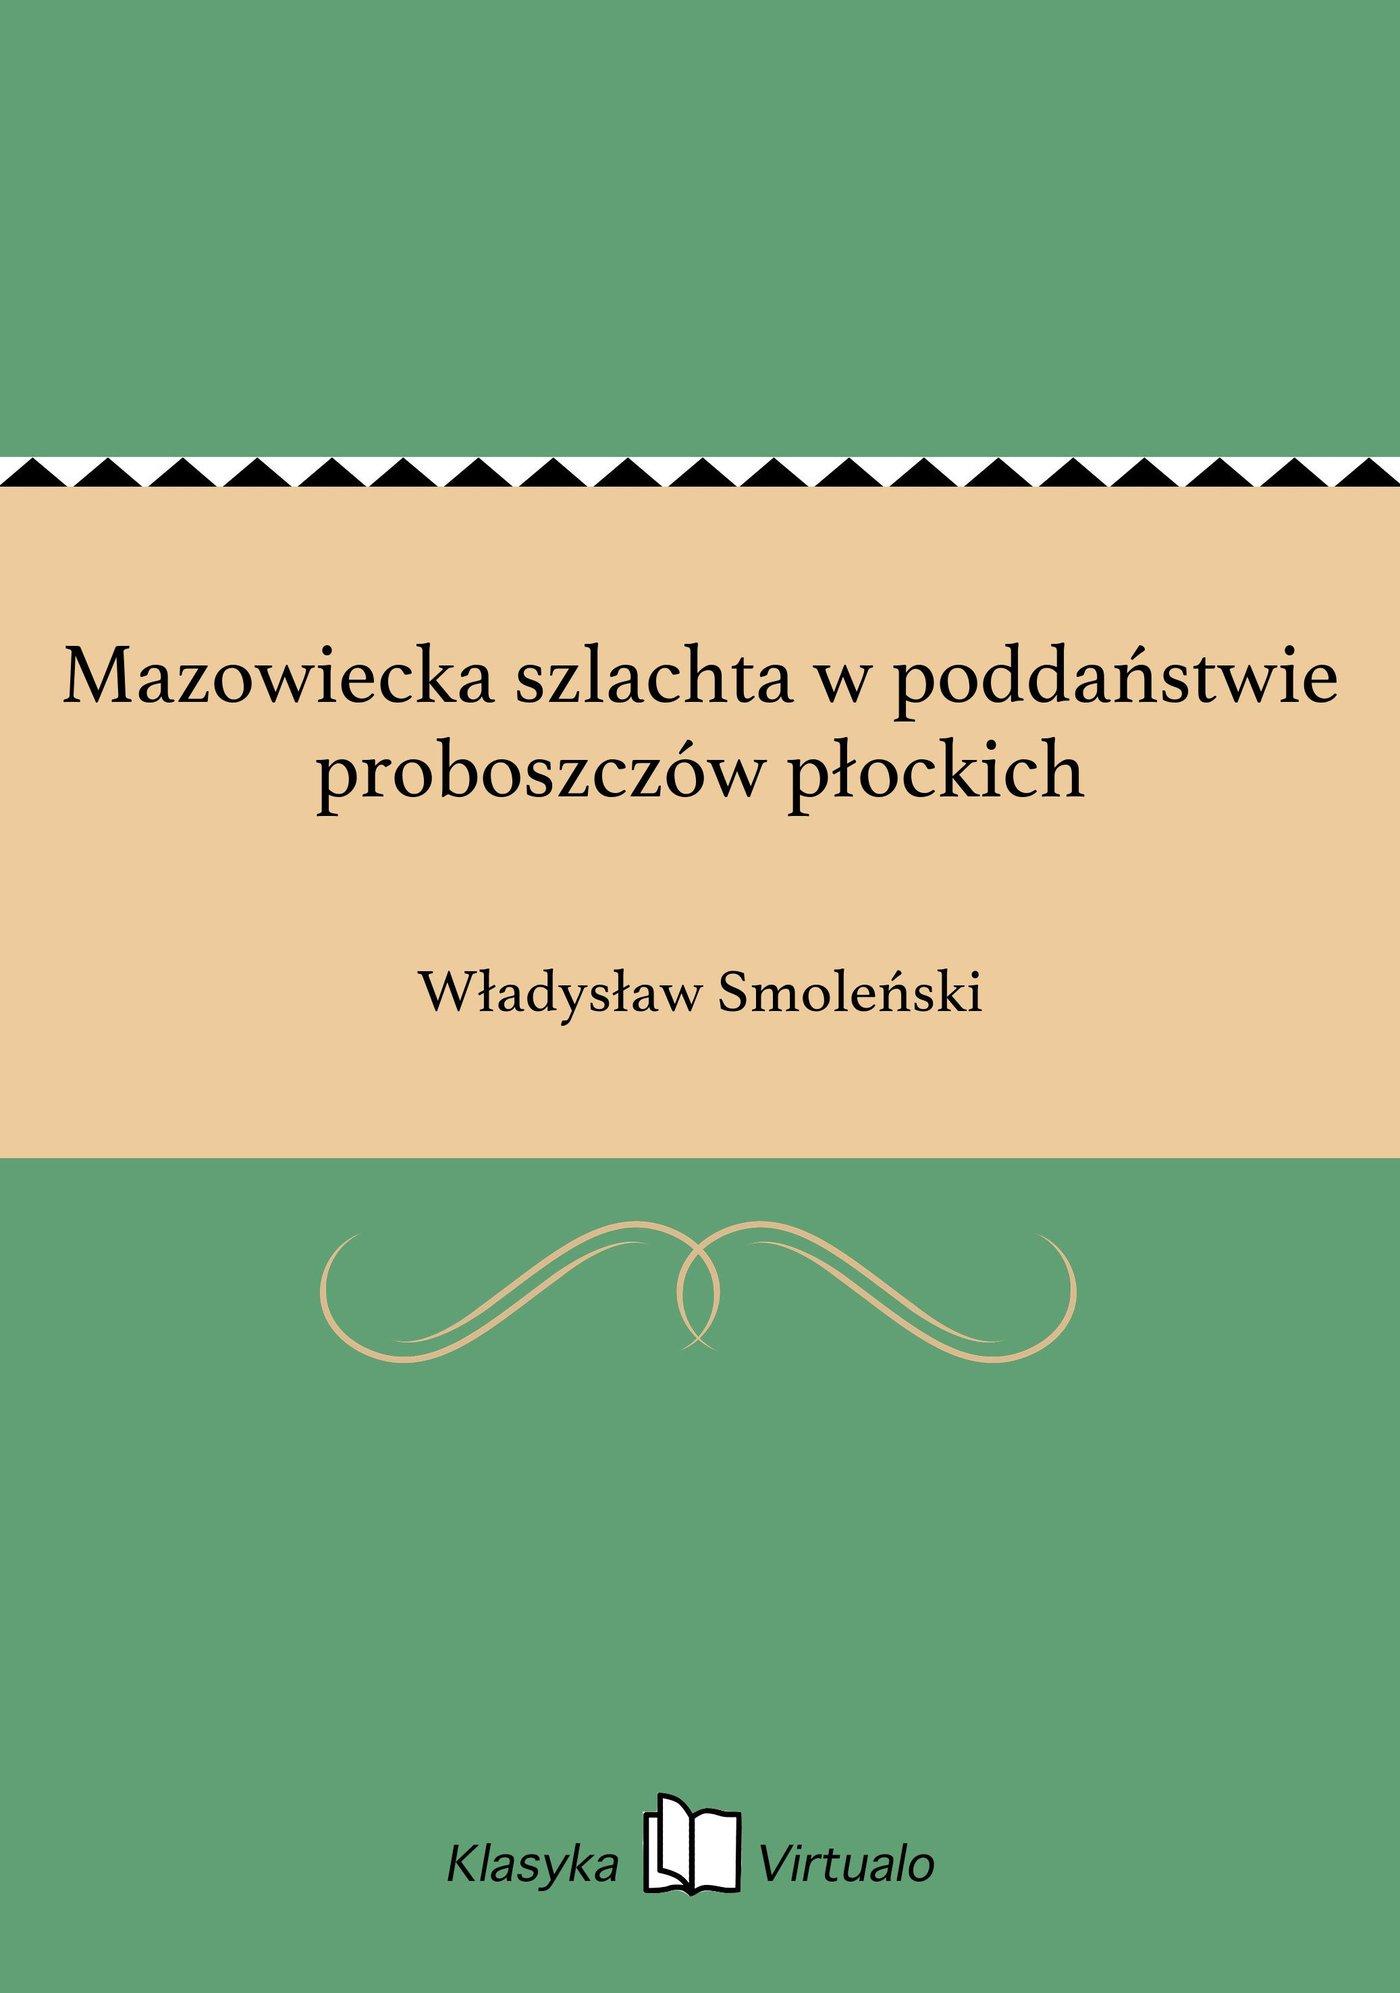 Mazowiecka szlachta w poddaństwie proboszczów płockich - Ebook (Książka EPUB) do pobrania w formacie EPUB